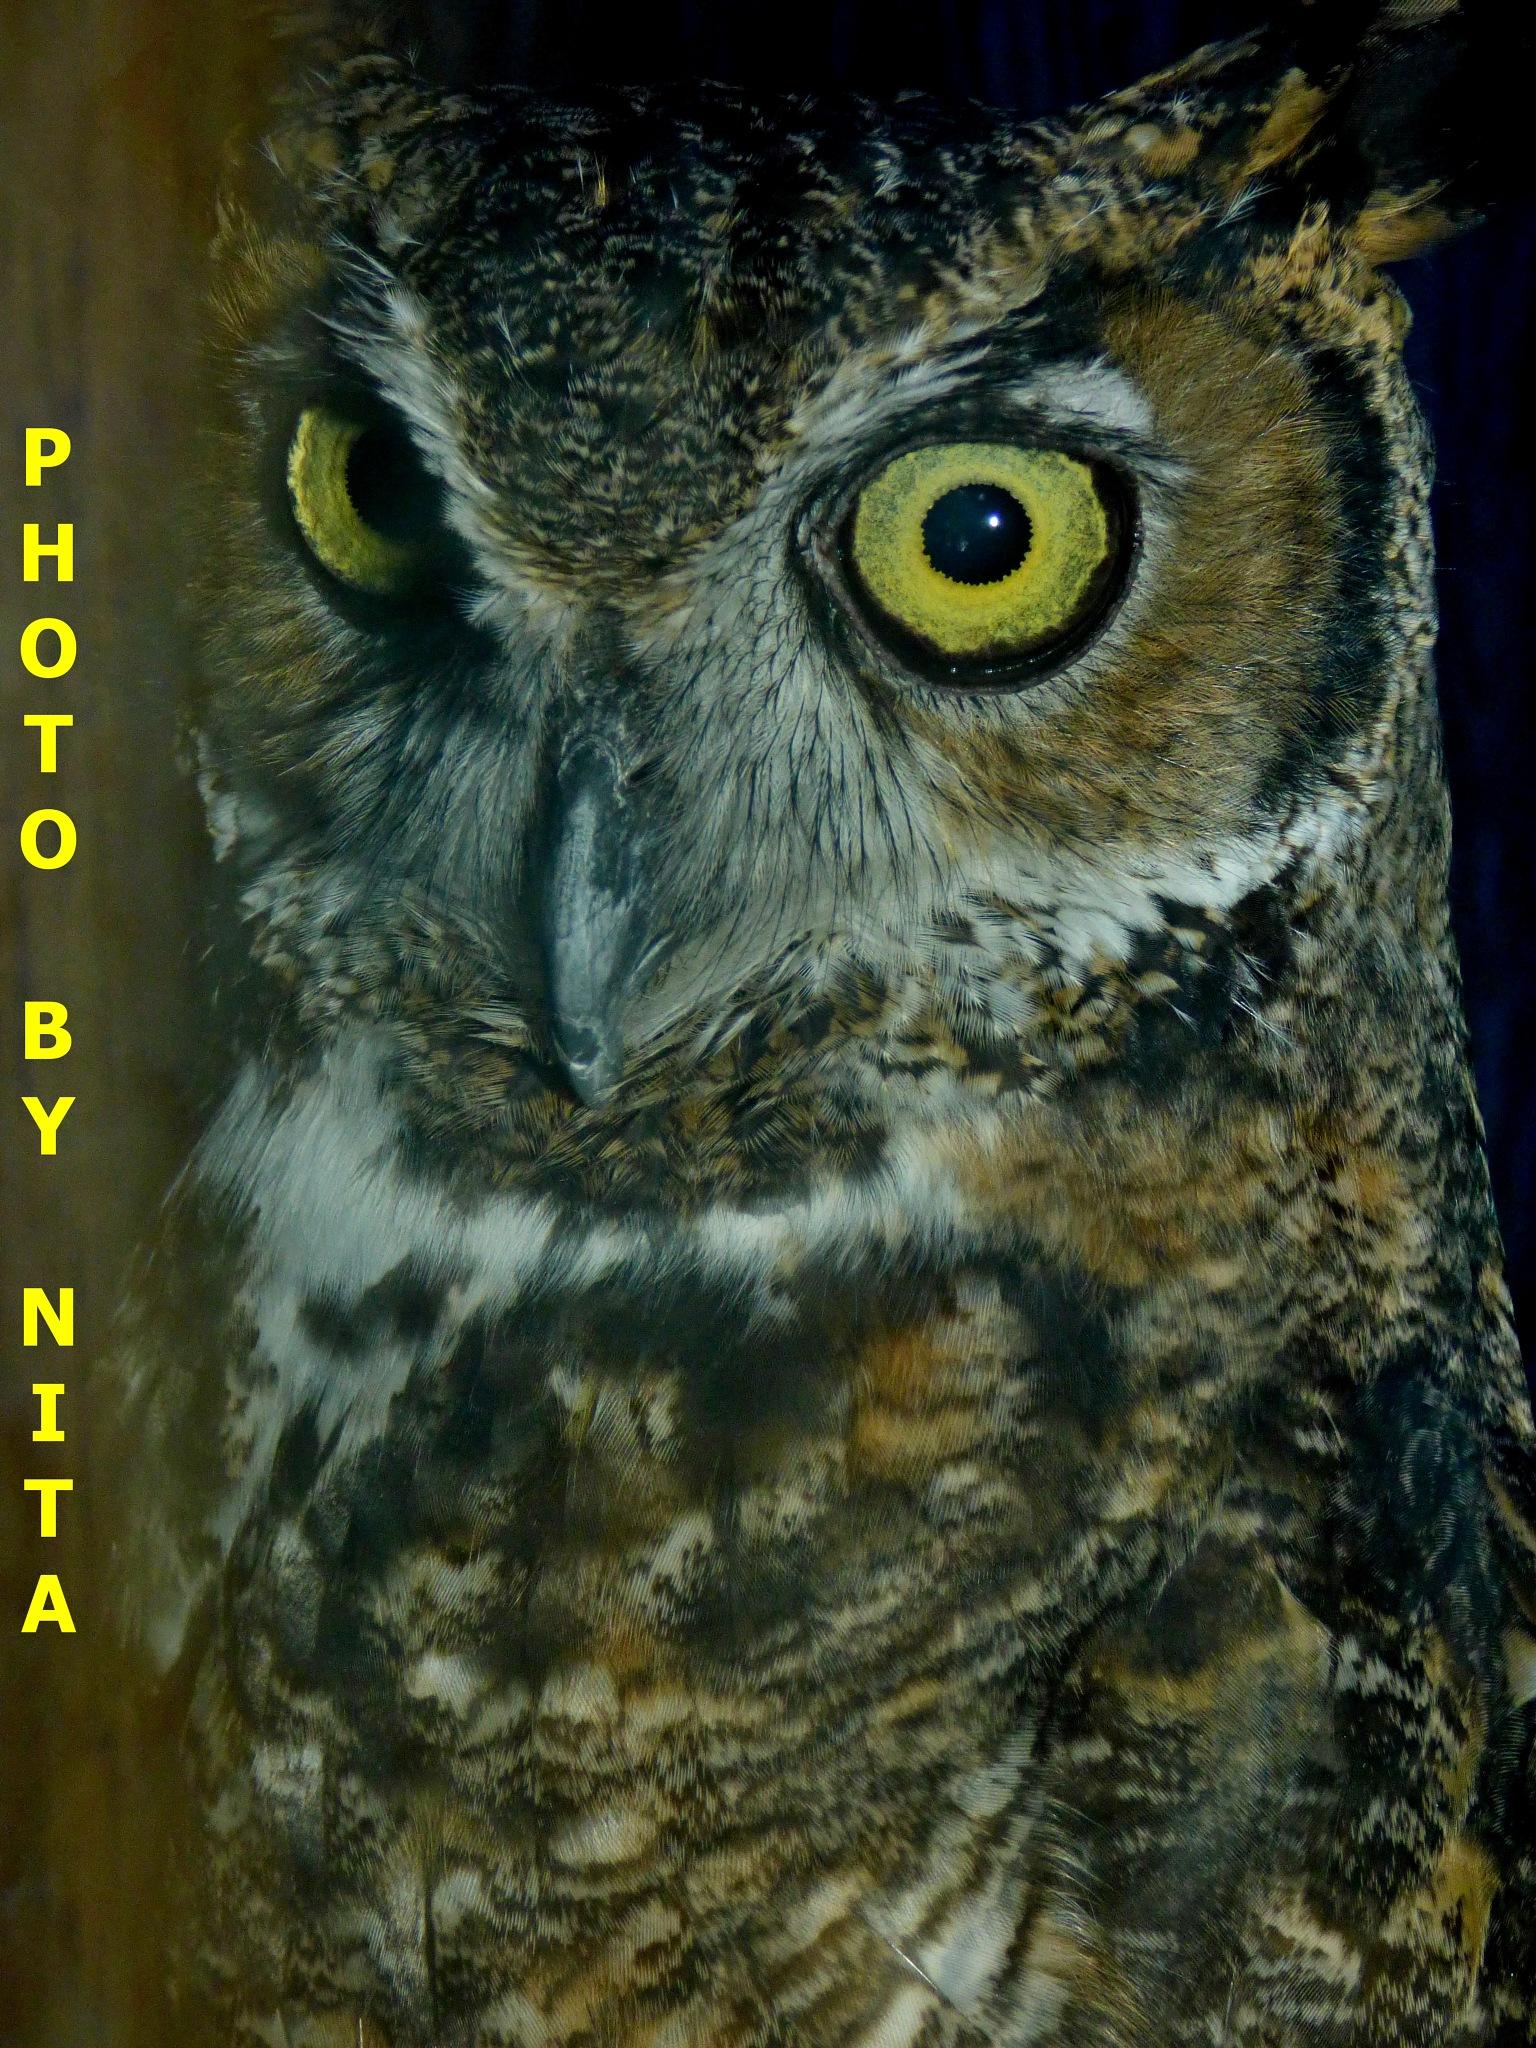 Owl Eyes by nita.andrews.7